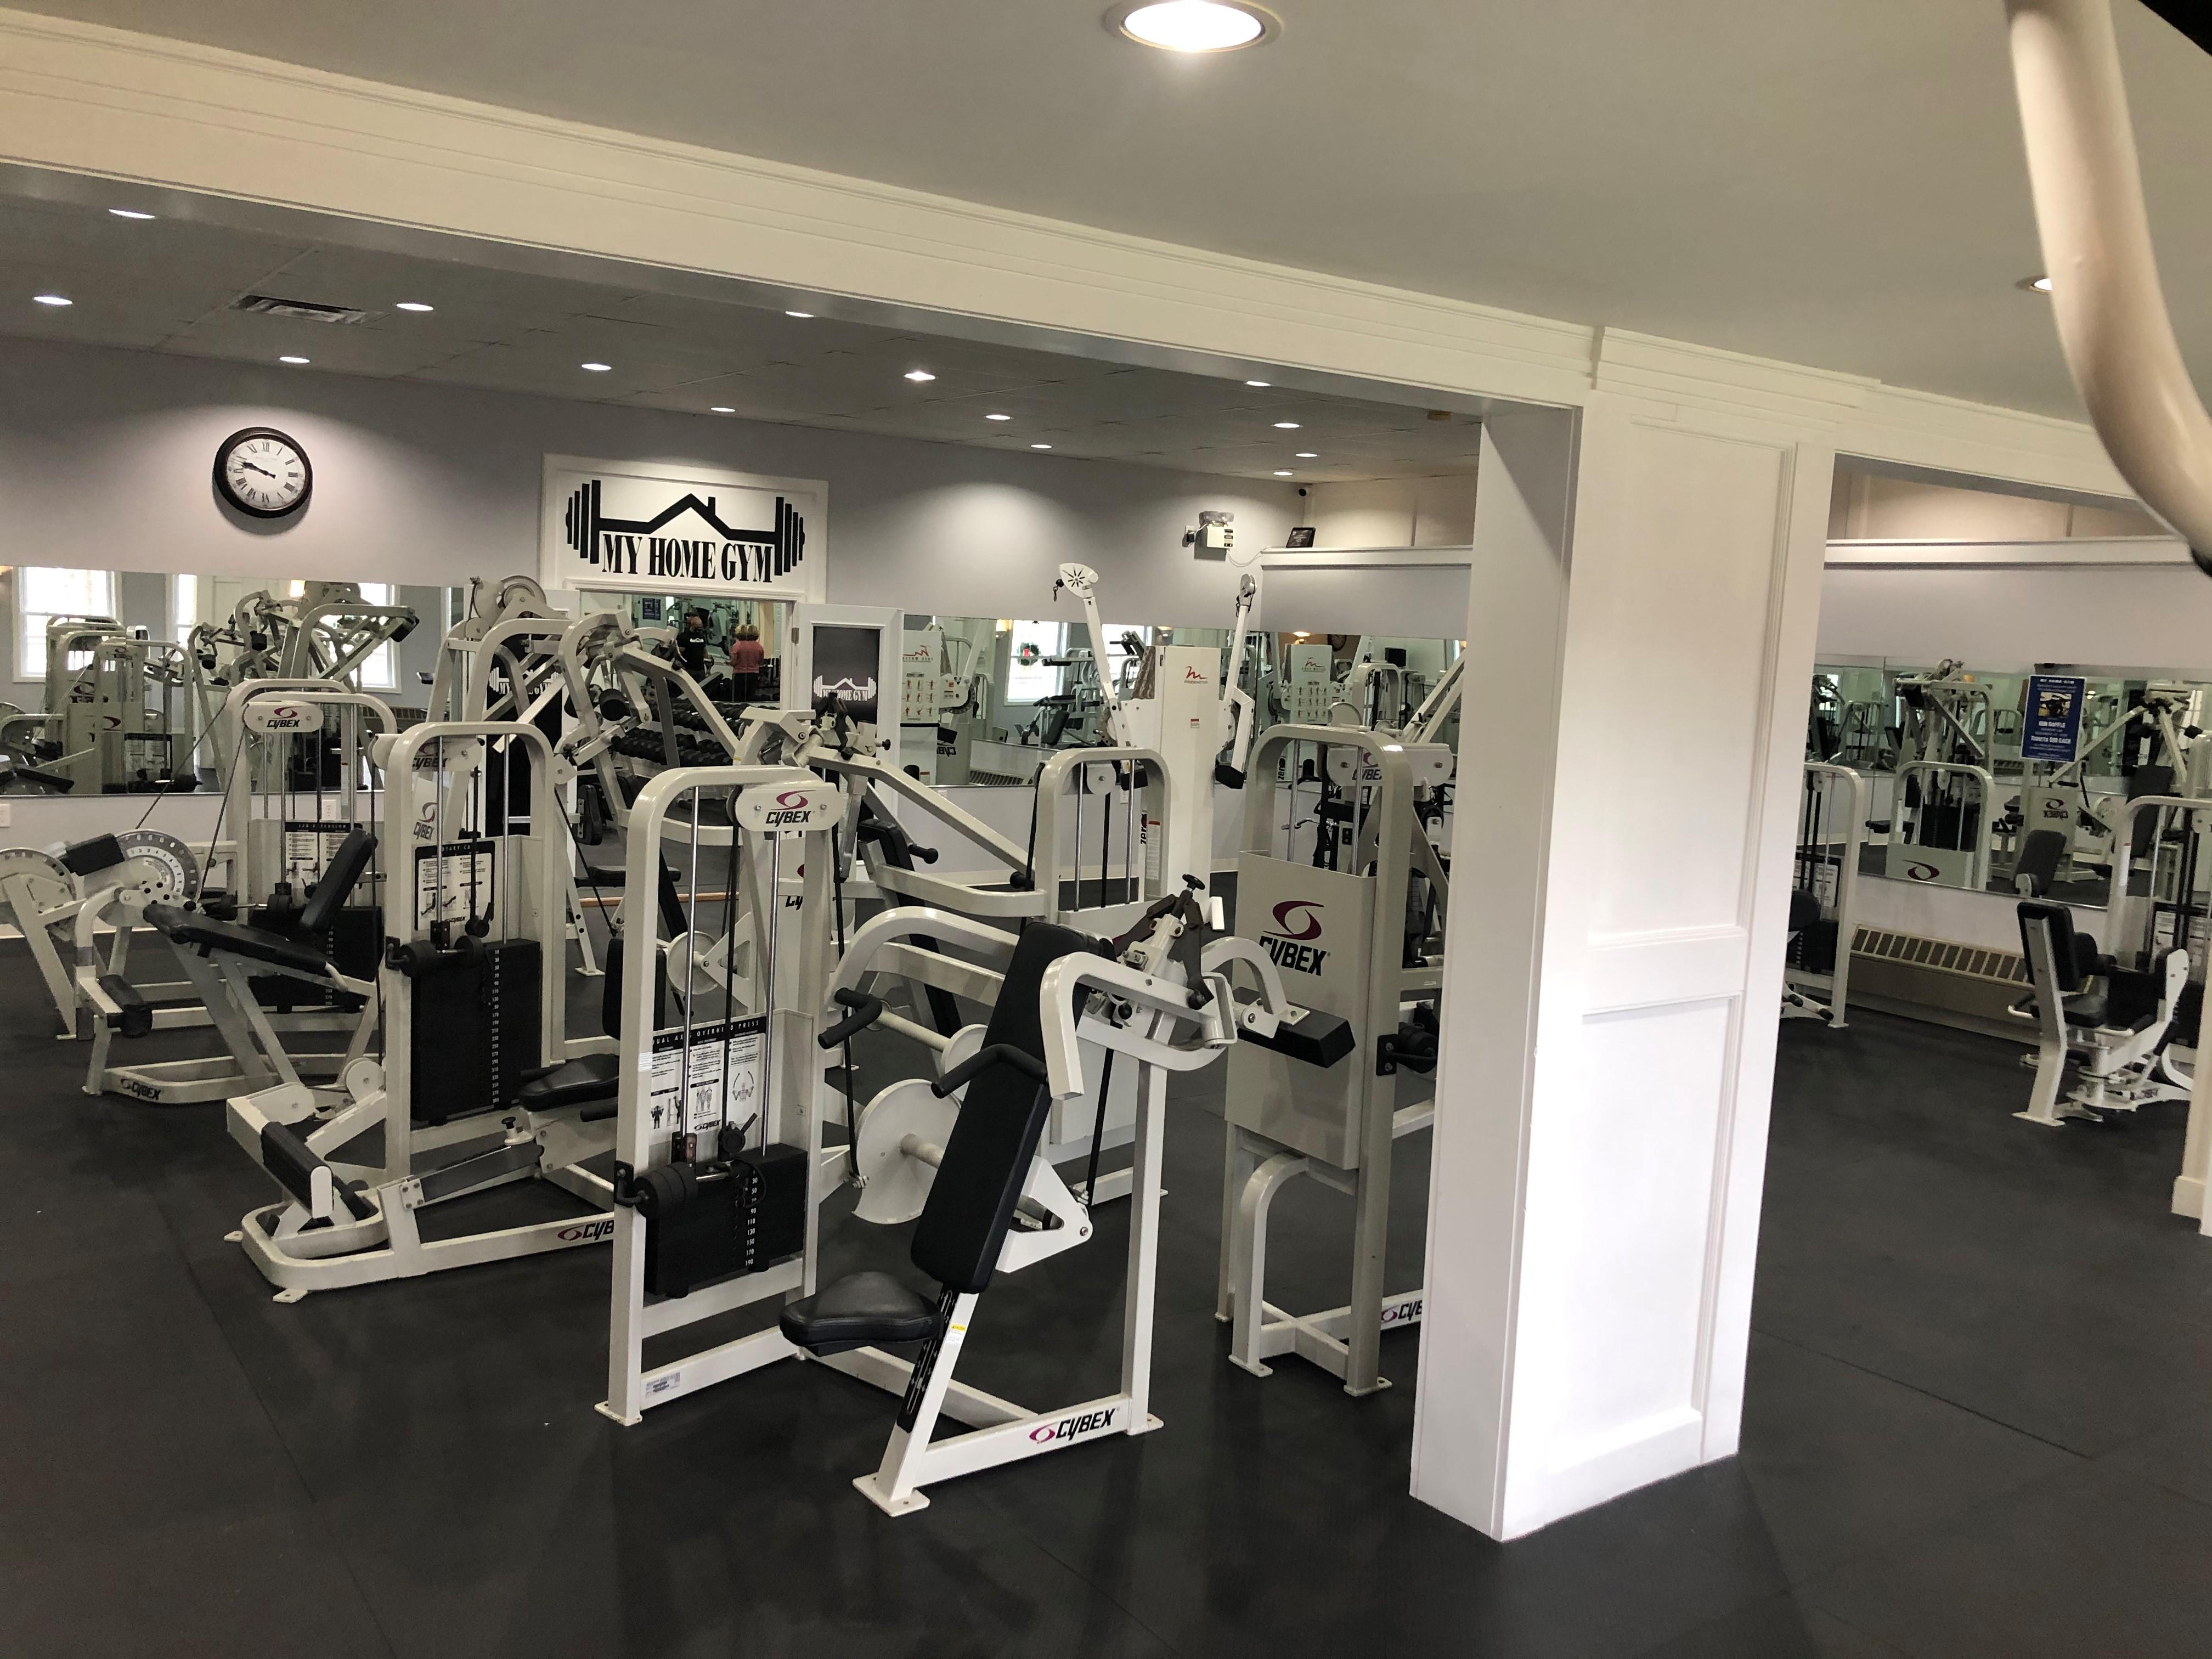 My Home Gym LLC